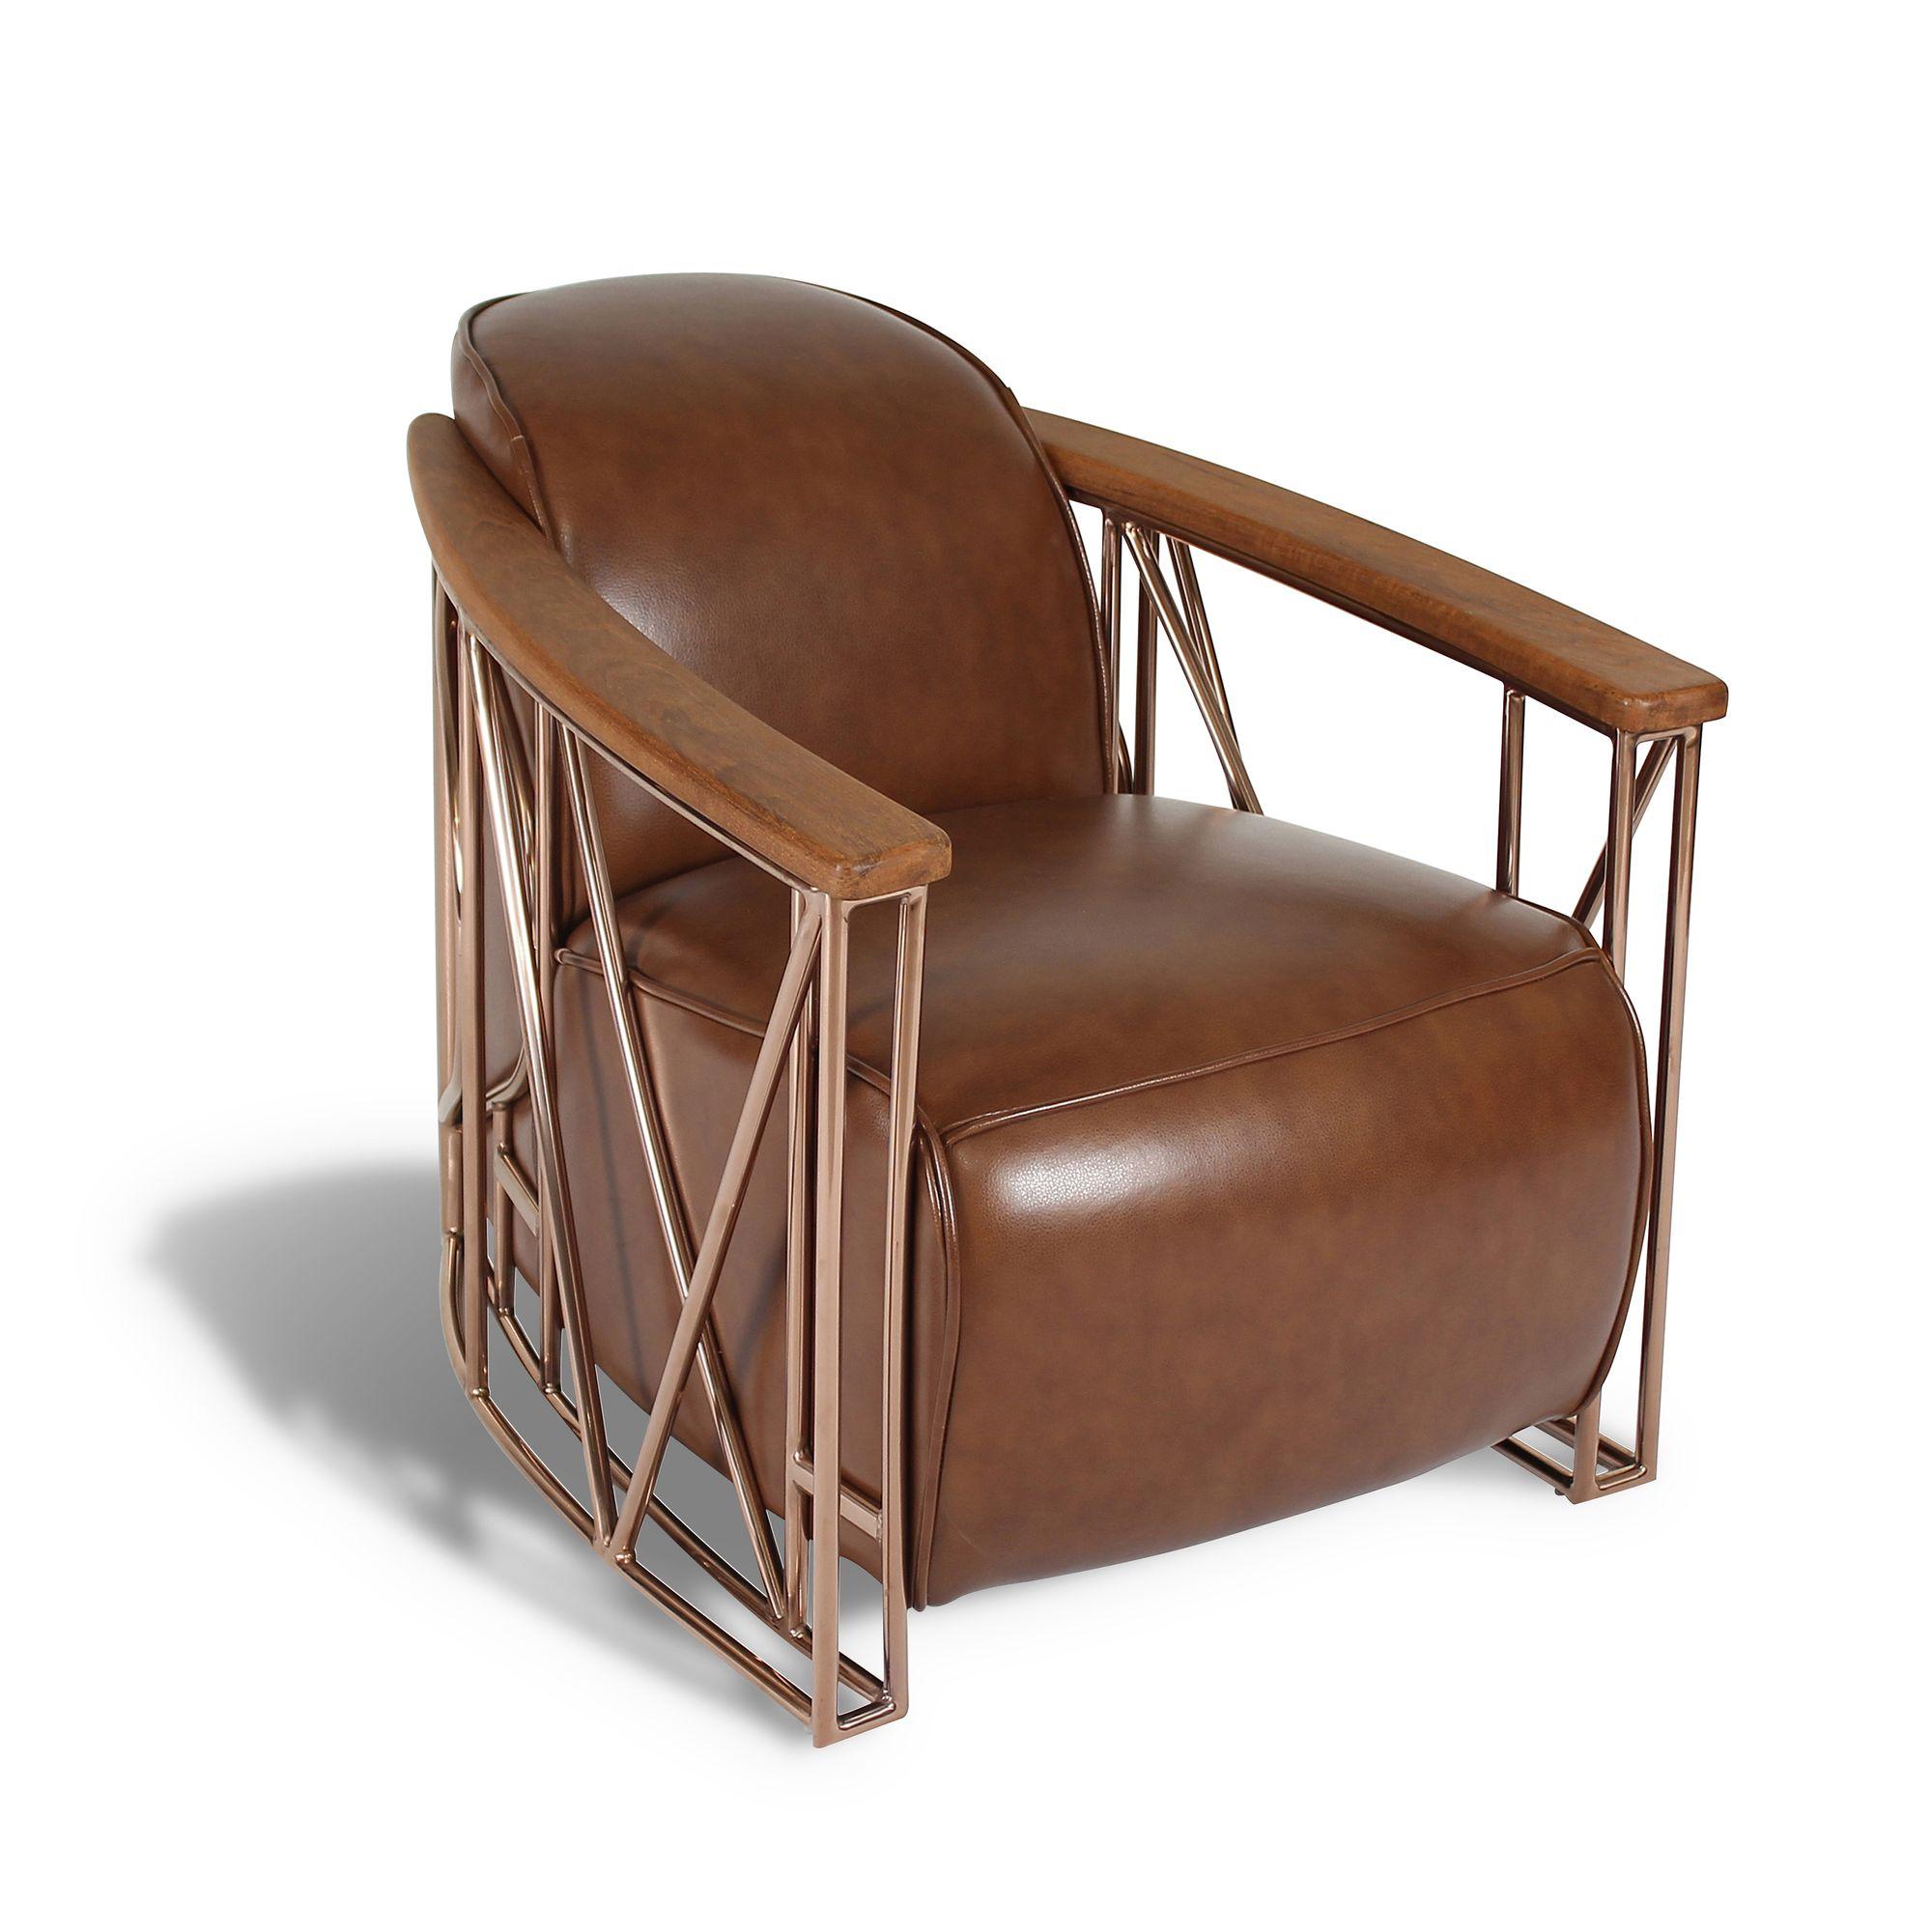 Fauteuil en cuir noisette structure en cuivre et bois